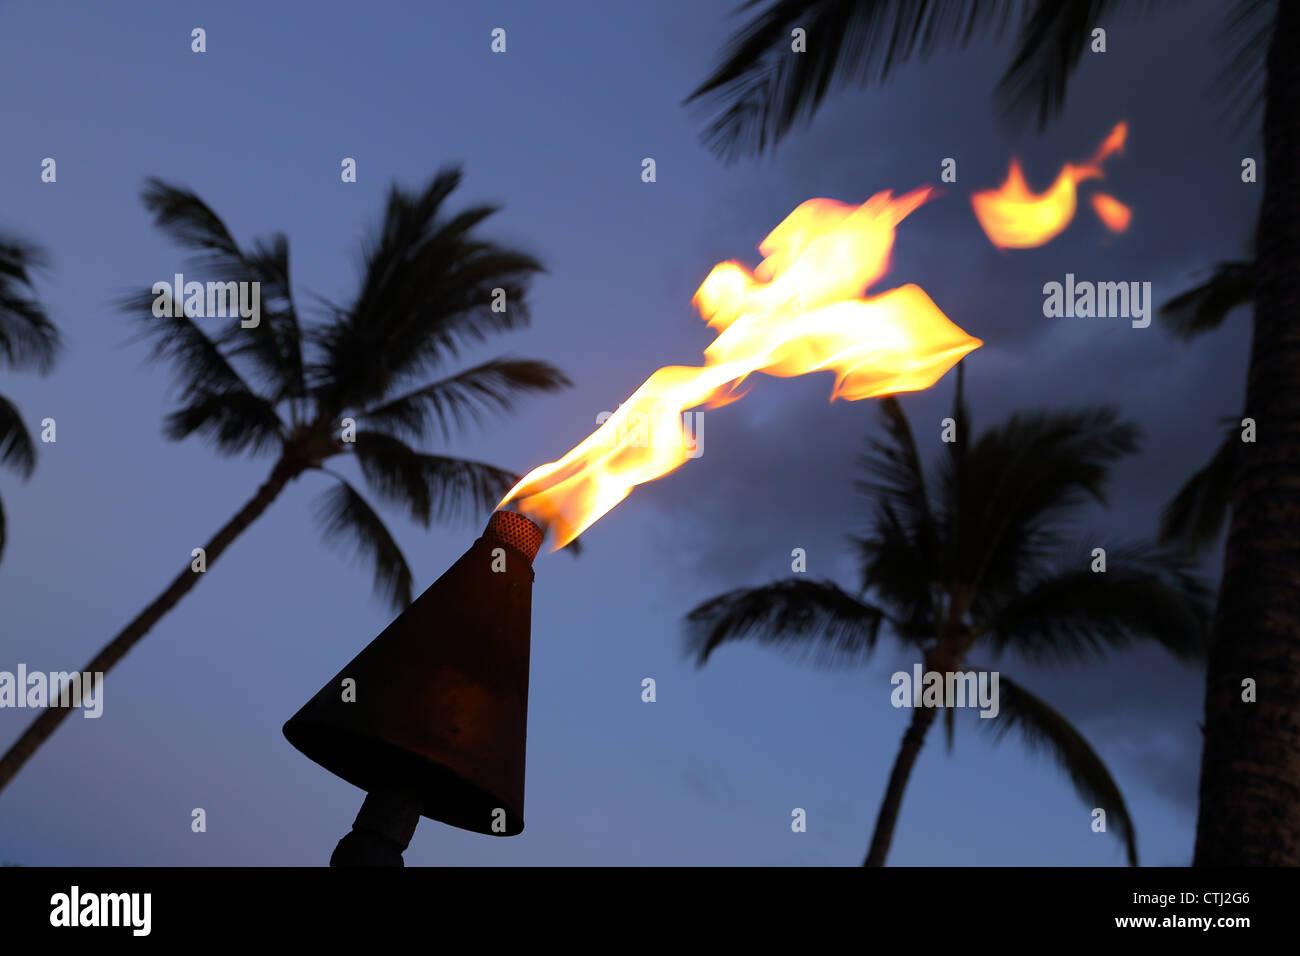 Torce fiammeggianti e palme di notte, Hawaii Immagini Stock